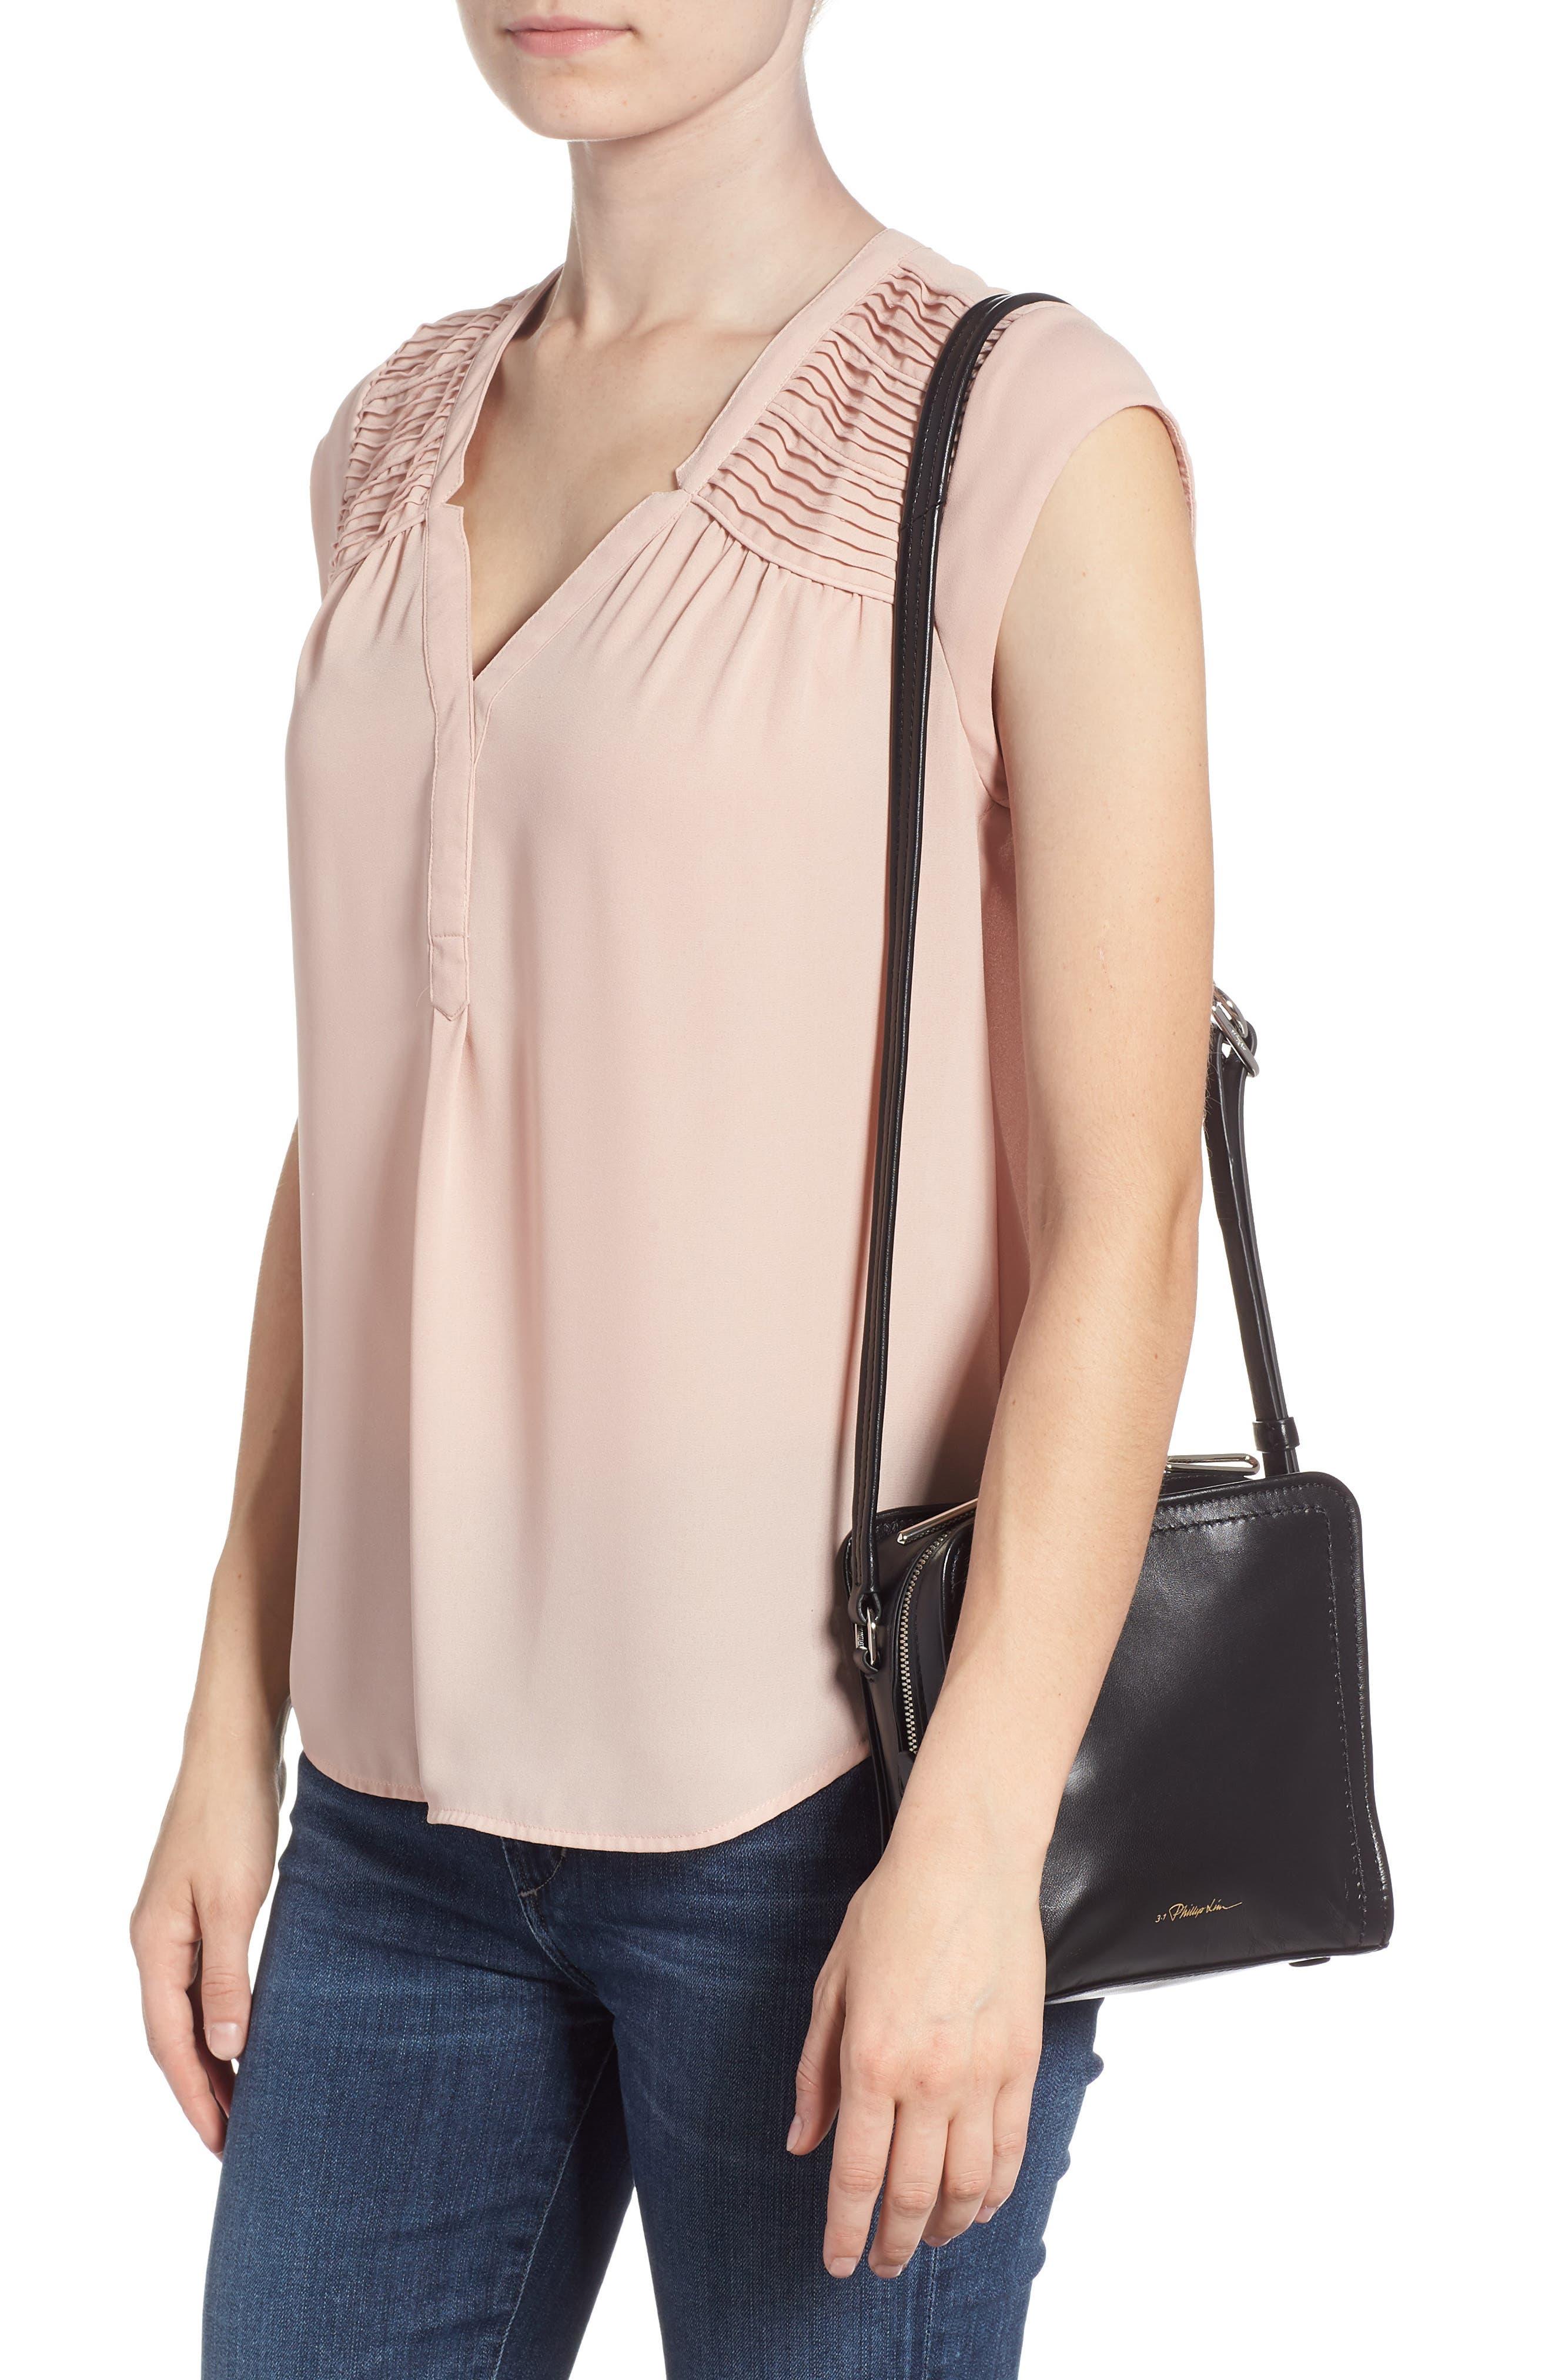 Hudson Mini Square Leather Crossbody Bag,                             Alternate thumbnail 2, color,                             001